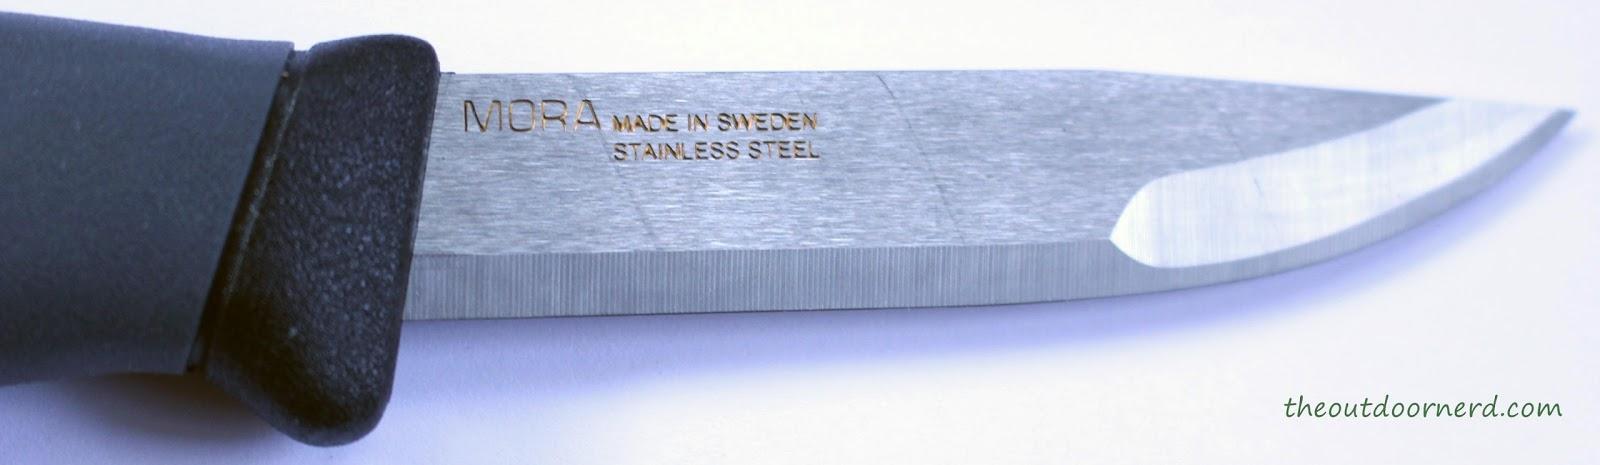 Light My Fire Swedish FireKnife: Closeup Of Blade 1